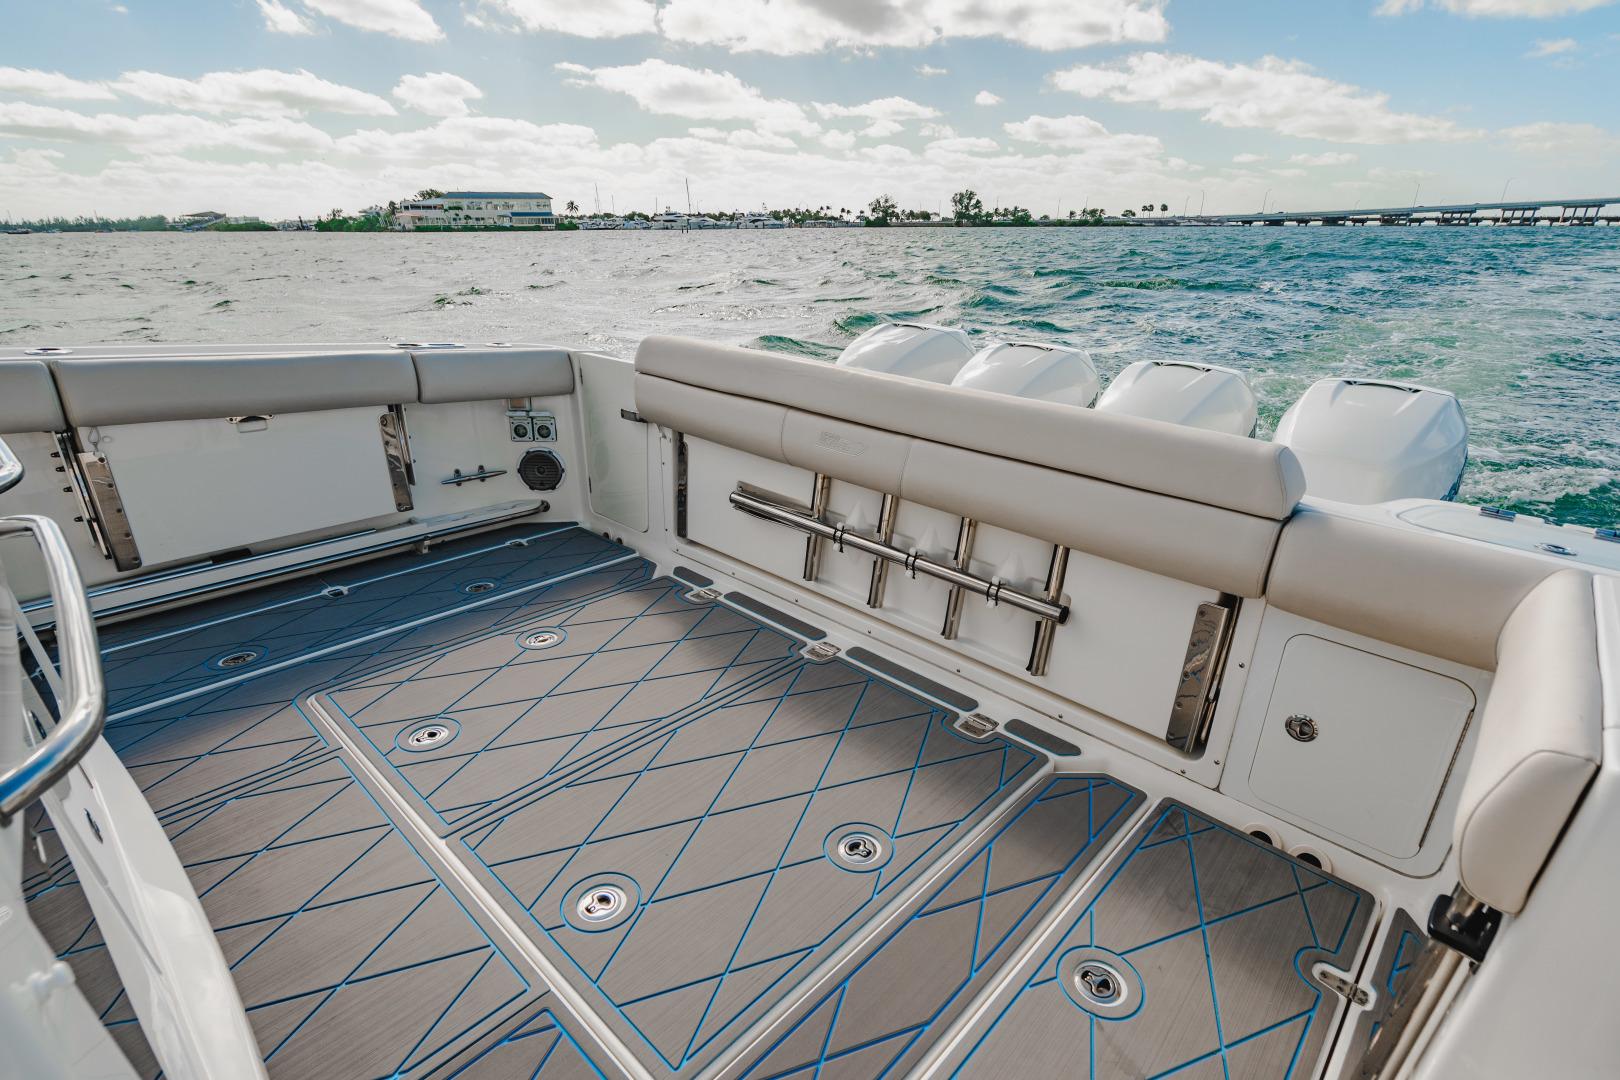 Boston Whaler-Outrage 2016-Sea Duction Miami Beach -Florida-United States-1557408 | Thumbnail